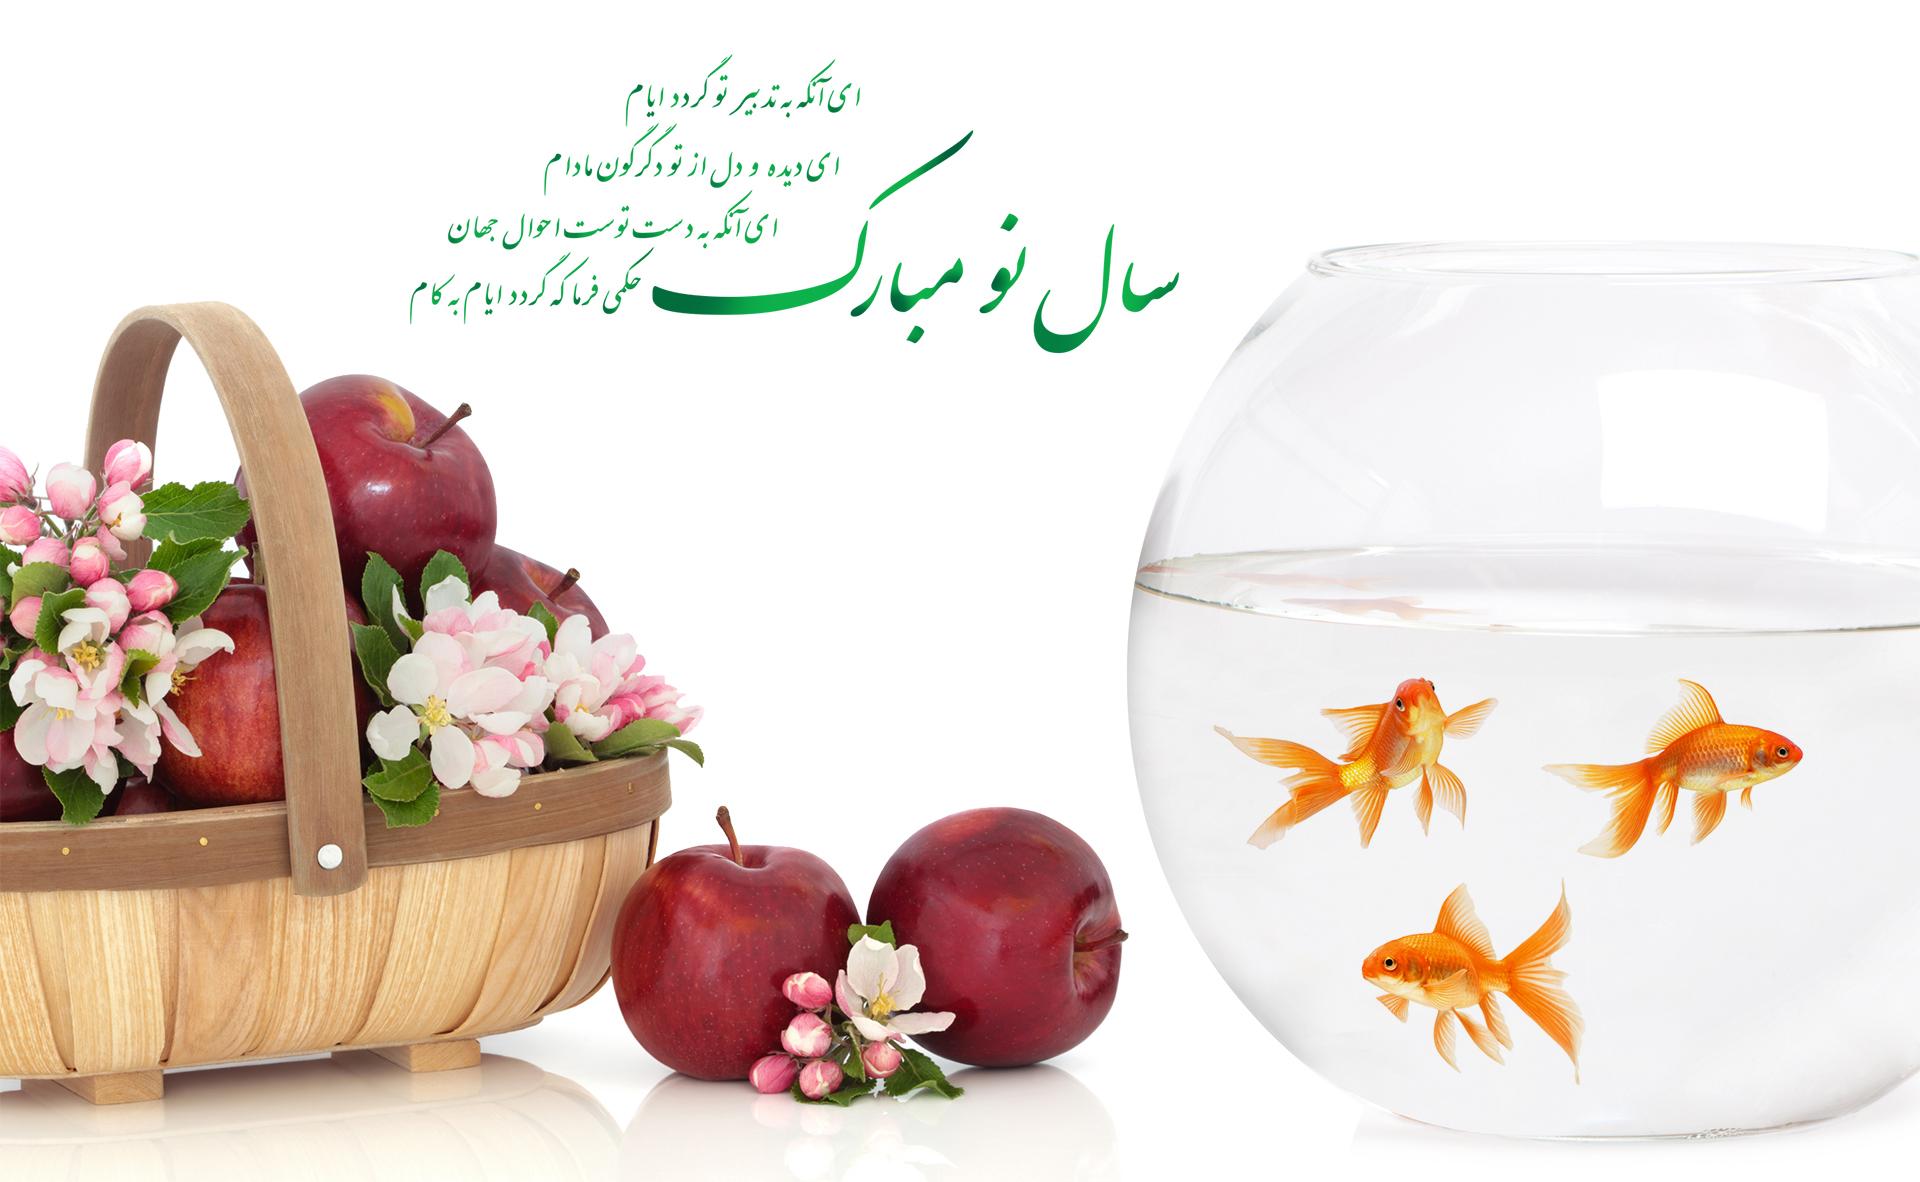 سرورمجازیVDS عیدی از ما سرور بگیرید